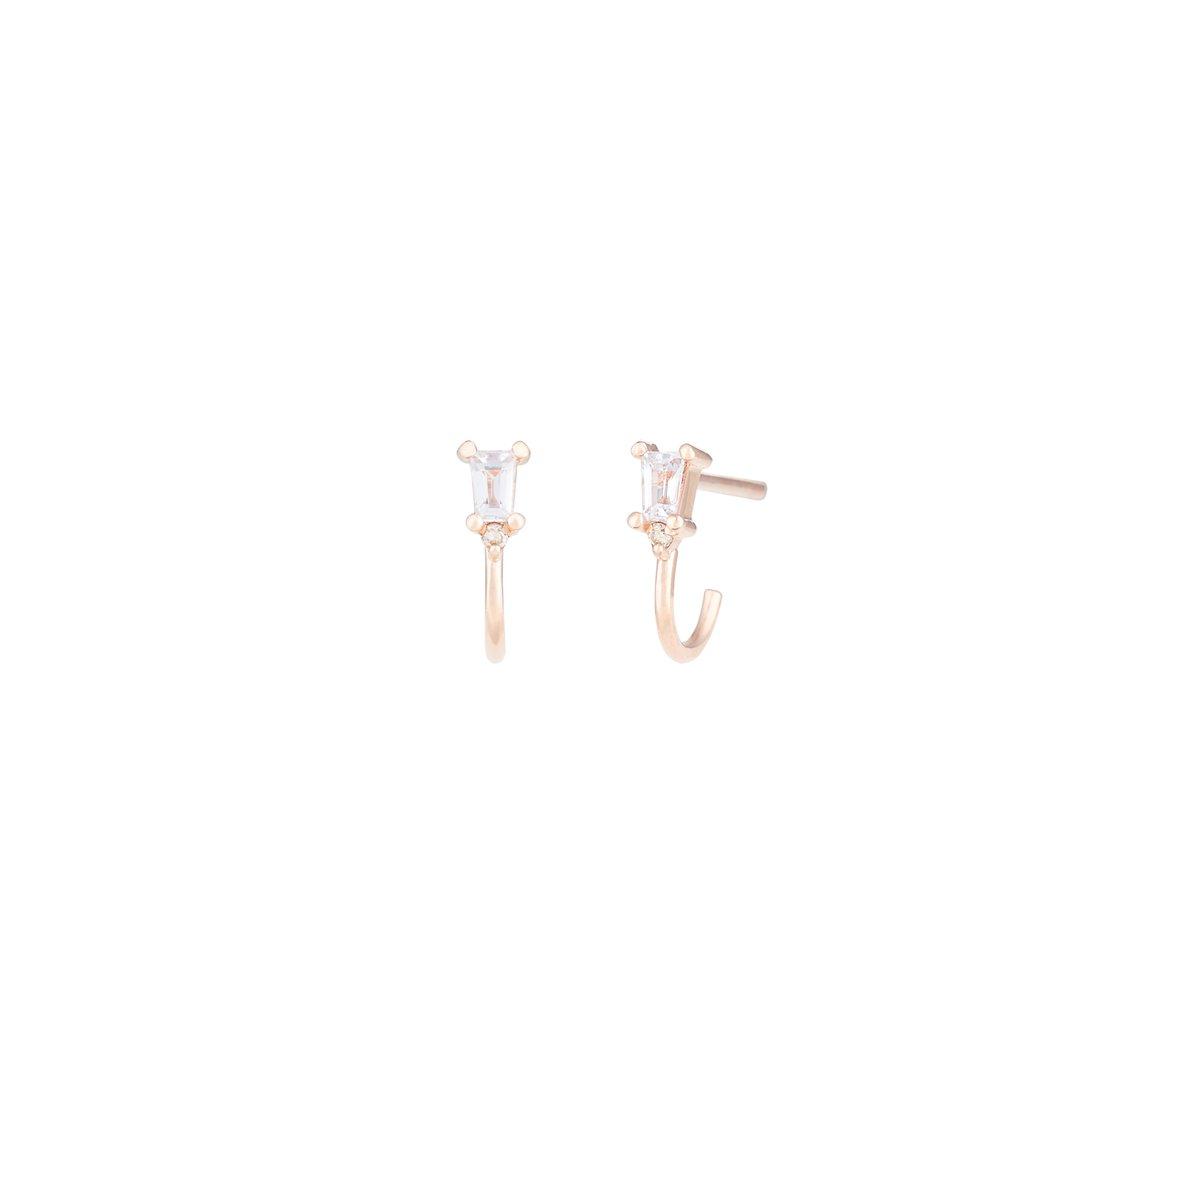 Image of Baguette Mini Hoop Earring